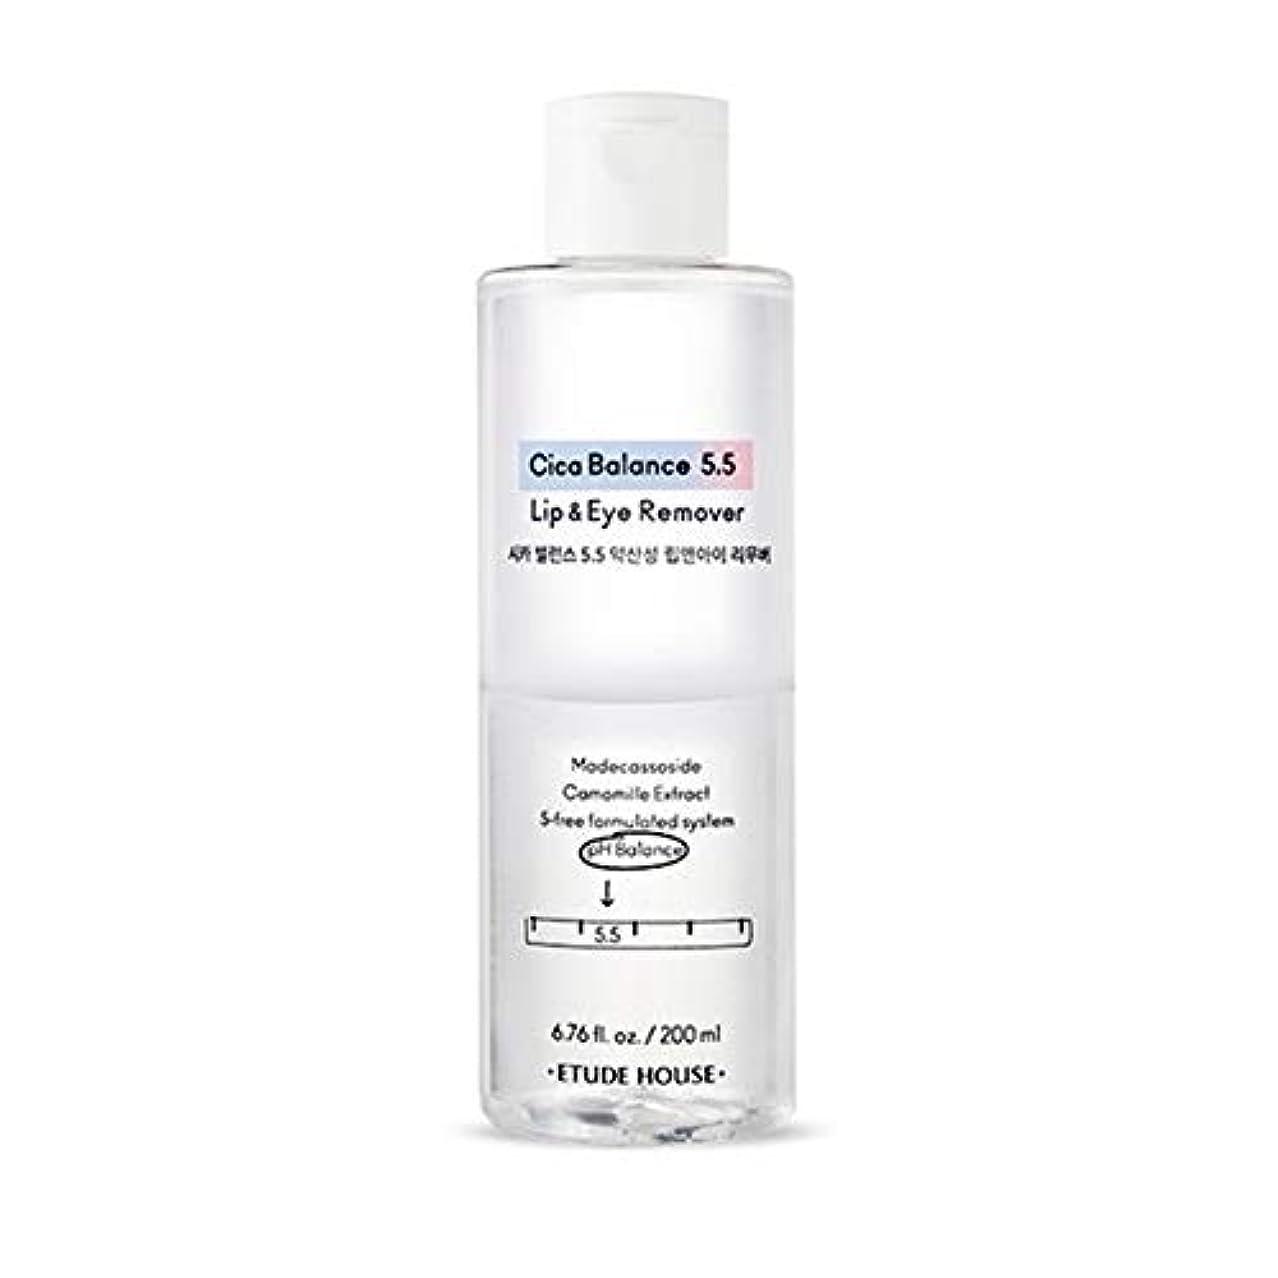 広がり説明的ゴールデン[Etude] エチュードハウス Cica Balance 5.5 Lip & Eye Remover シカバランス 5.5 弱酸性リップアンドアイリムーバー(メイク落とし)200ml - Makeup Remover...